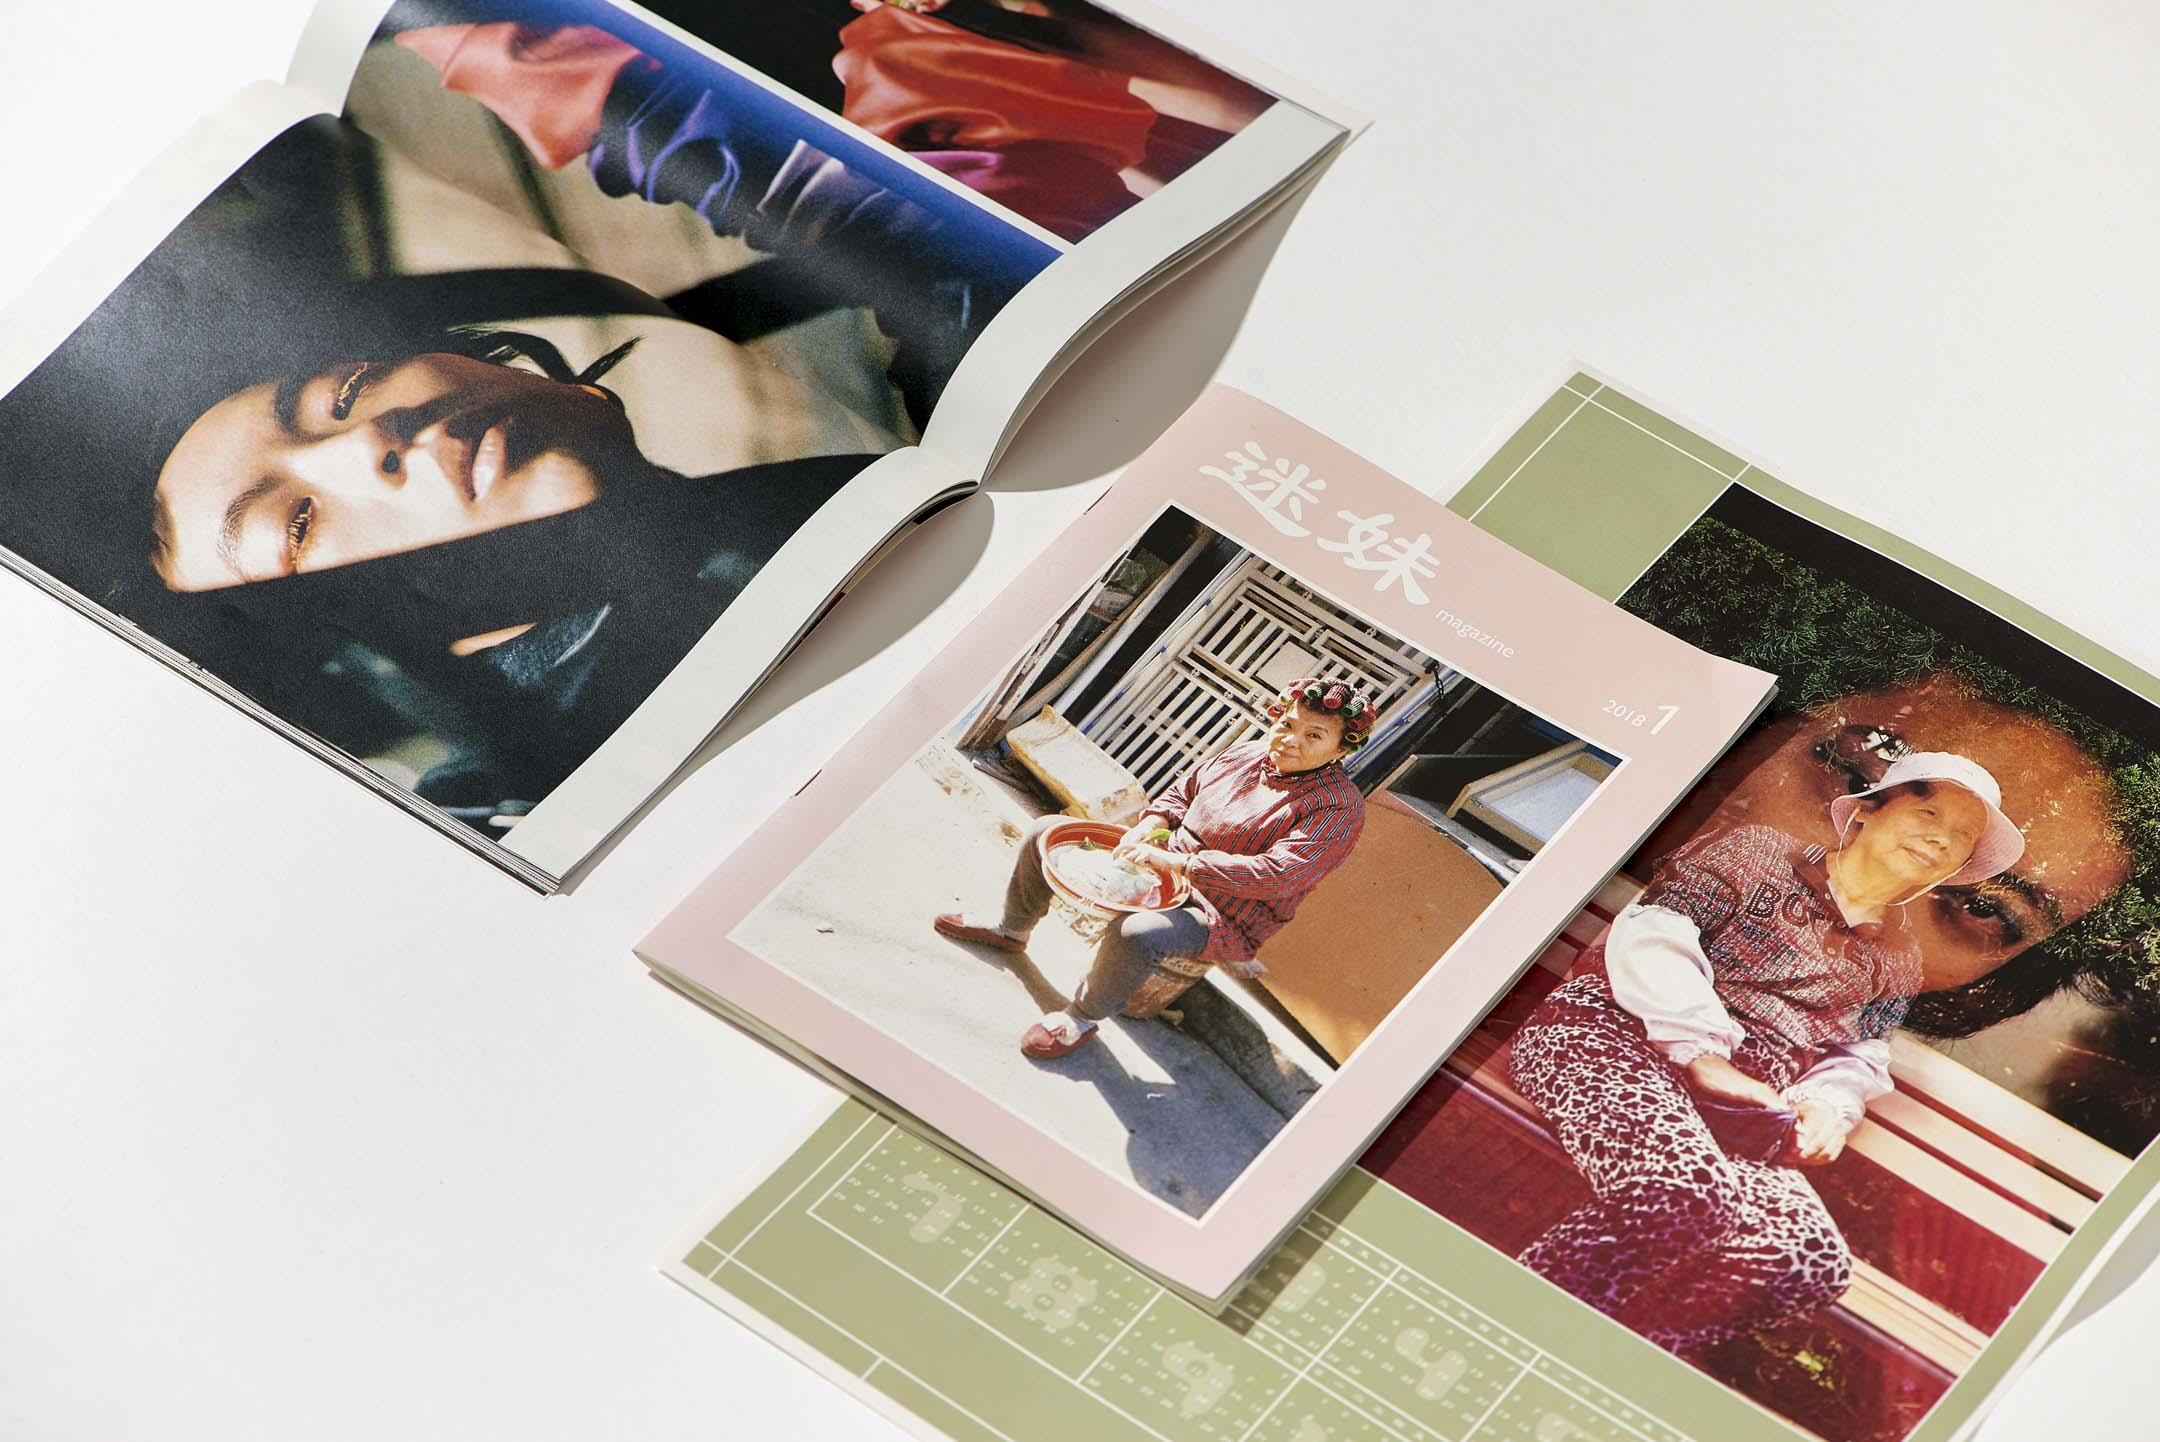 雜誌《迷妹》,用文字和圖片的形式呈現中國阿姨的日常生活。 圖:受訪者提供